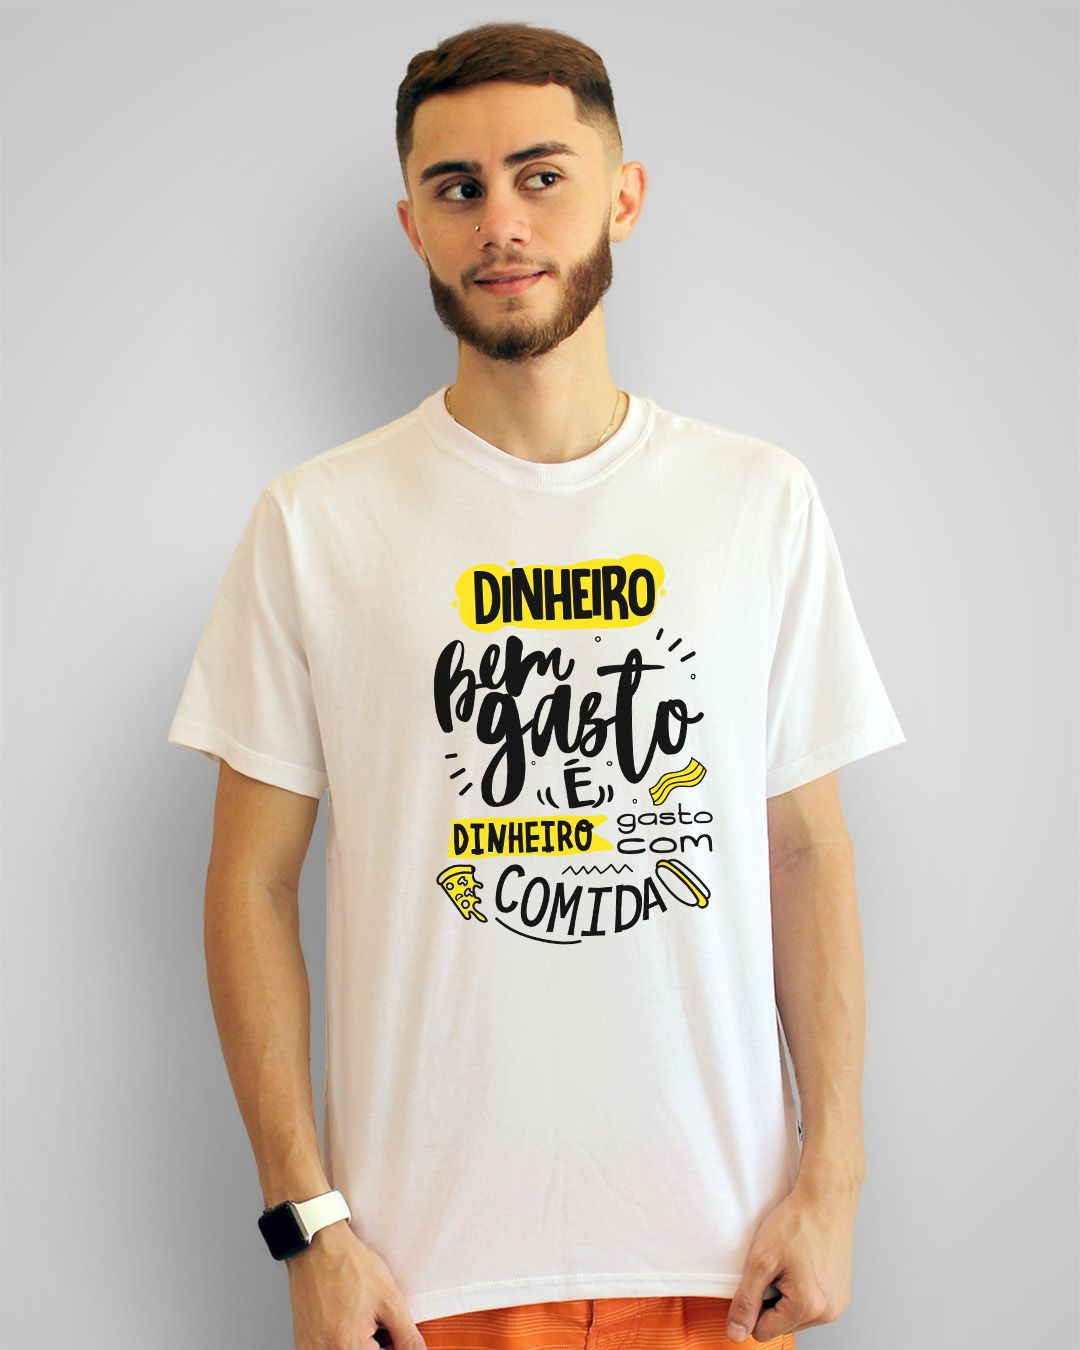 Camiseta Dinheiro bem gasto é dinheiro gasto com comida